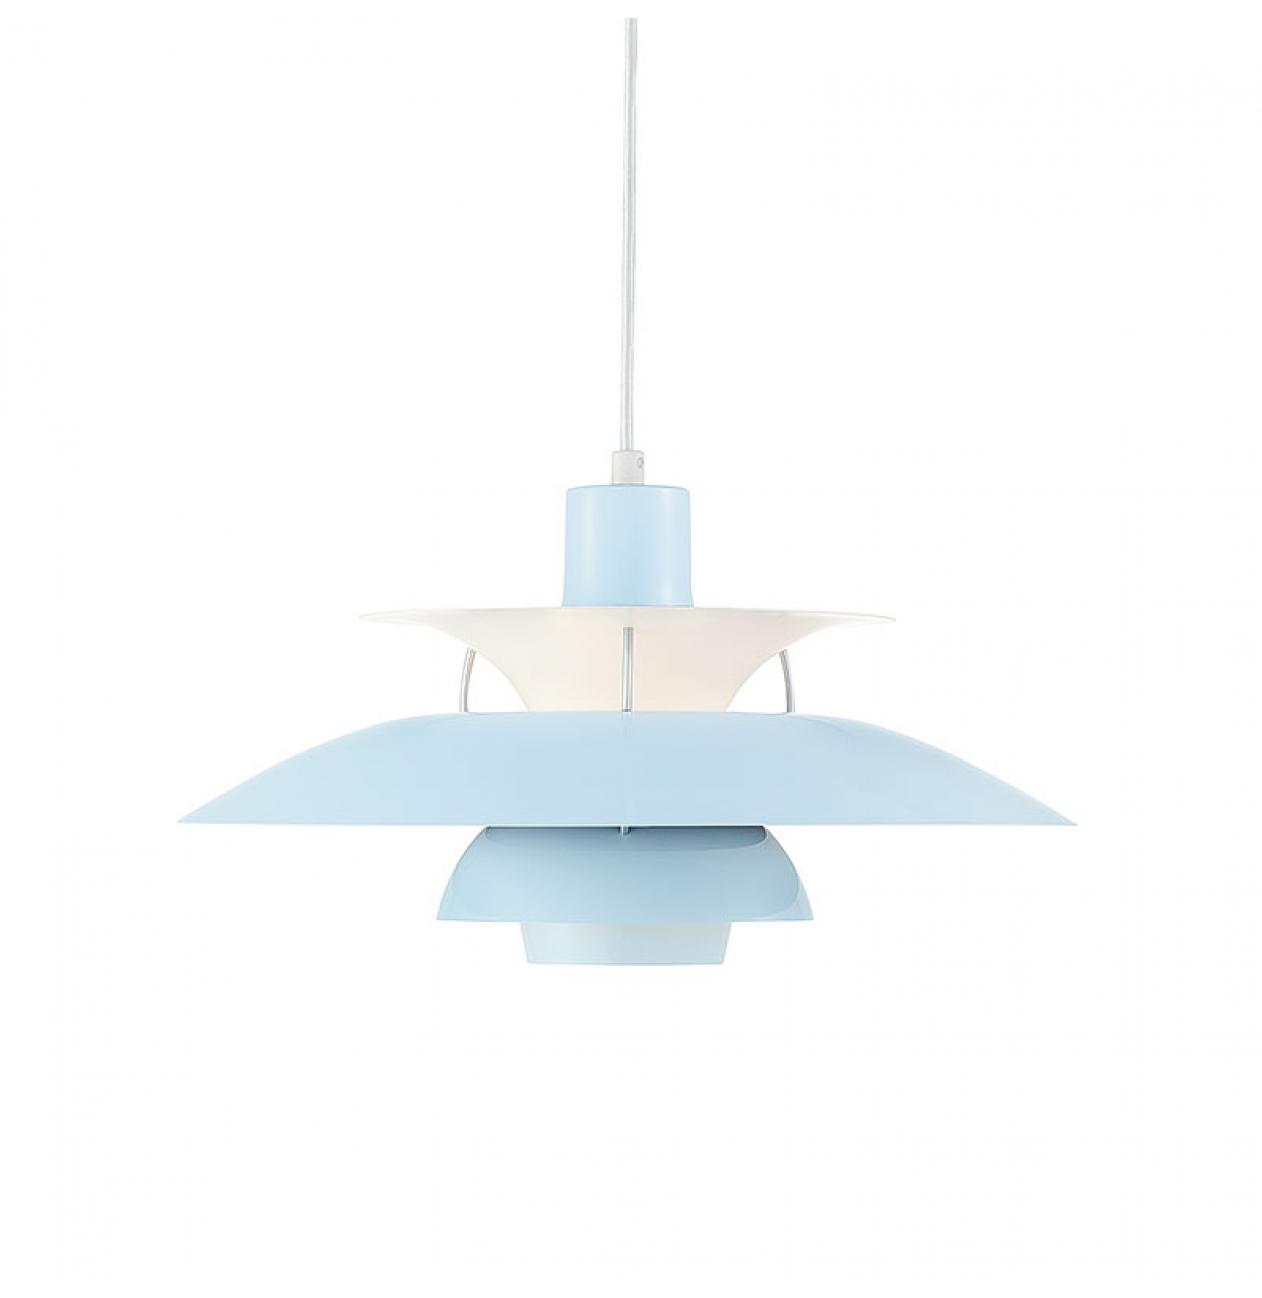 louis poulsen hanglamp ph 50 versteeg lichtstudio. Black Bedroom Furniture Sets. Home Design Ideas